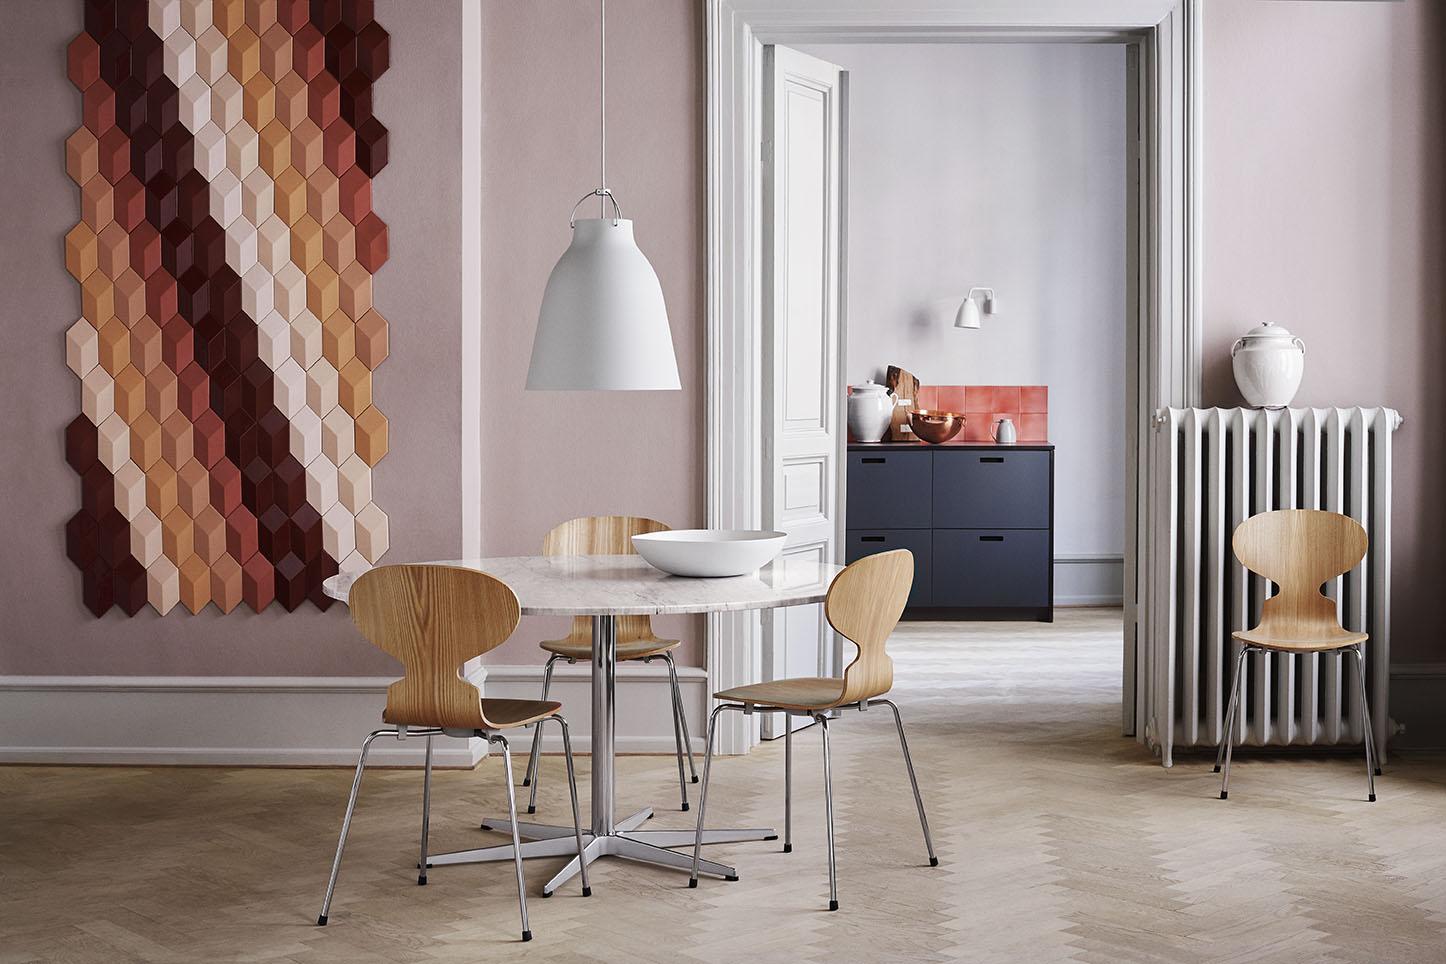 I consigli per arredare la sala da pranzo - Living Corriere